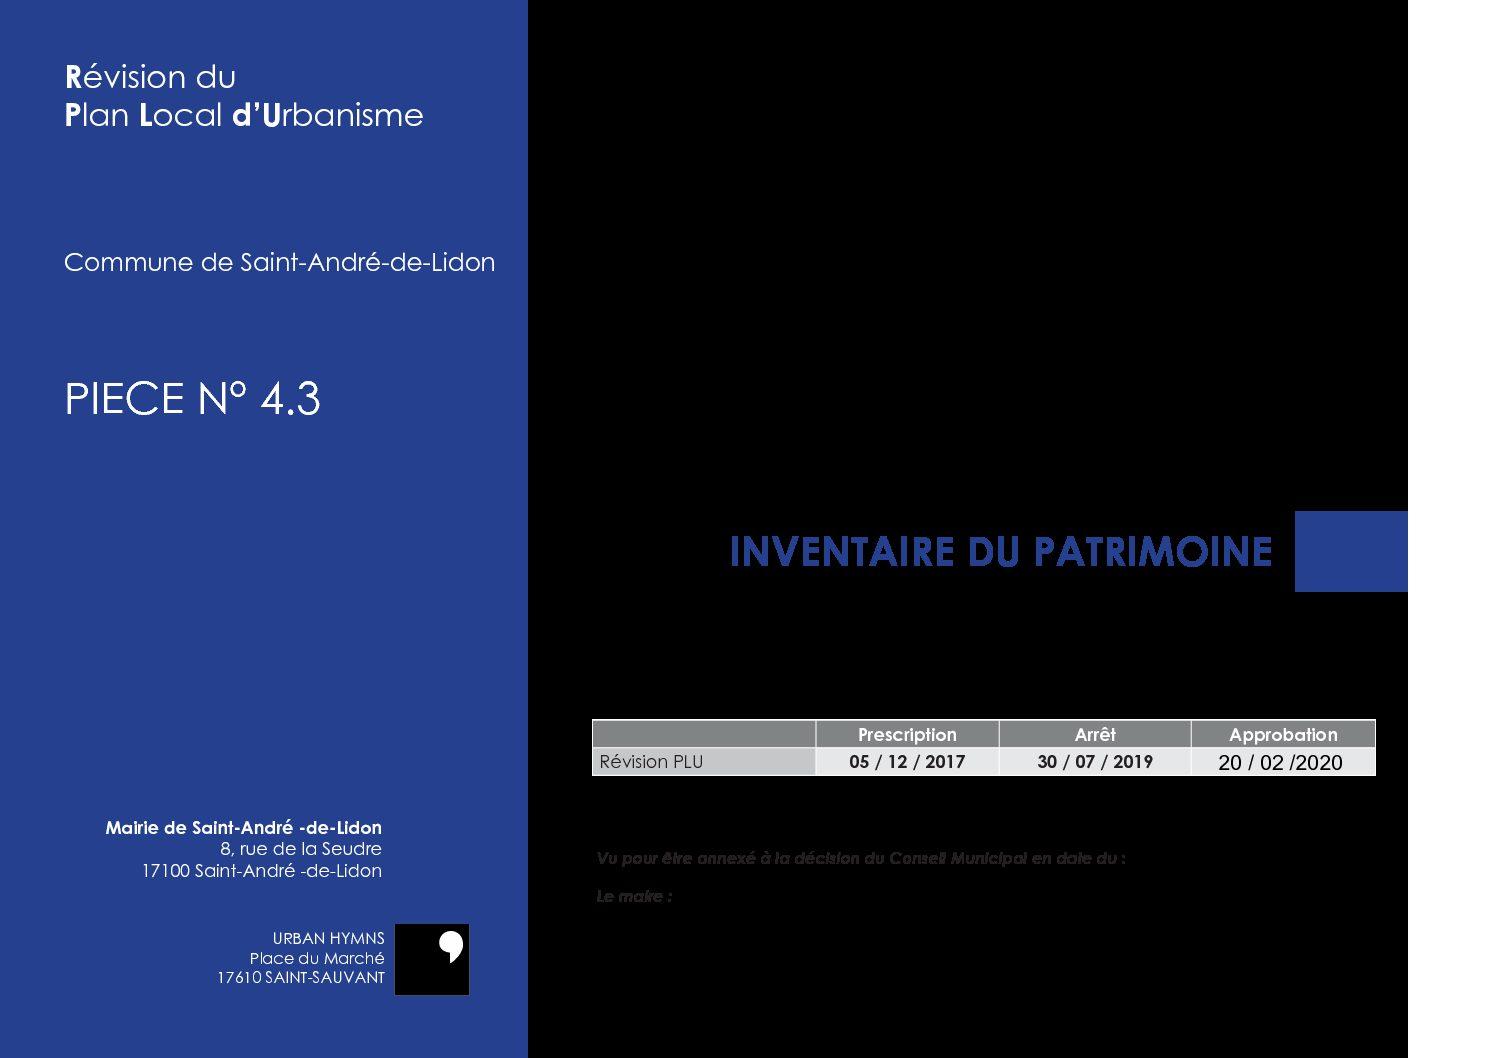 PIECE N° 4.3 – INVENTAIRE DU PATRIMOINE